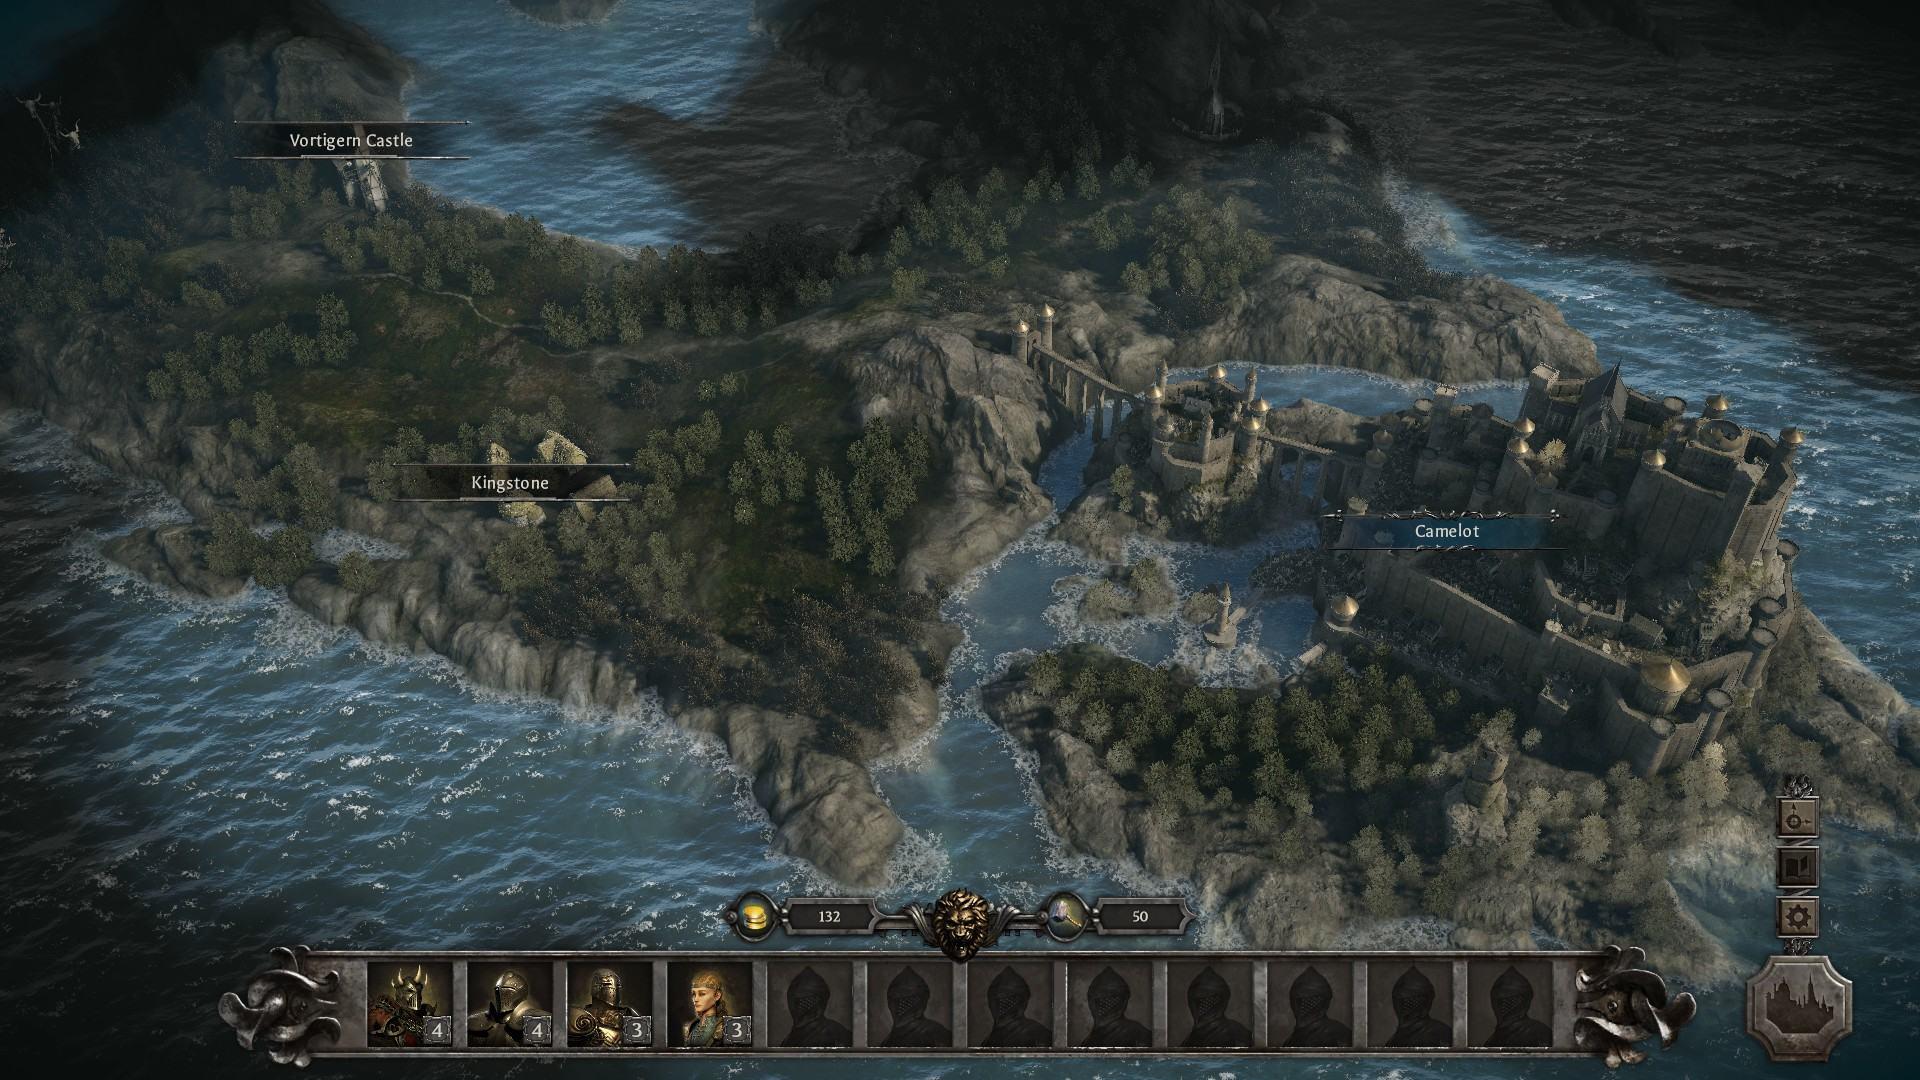 King Arthur Knight's Tale